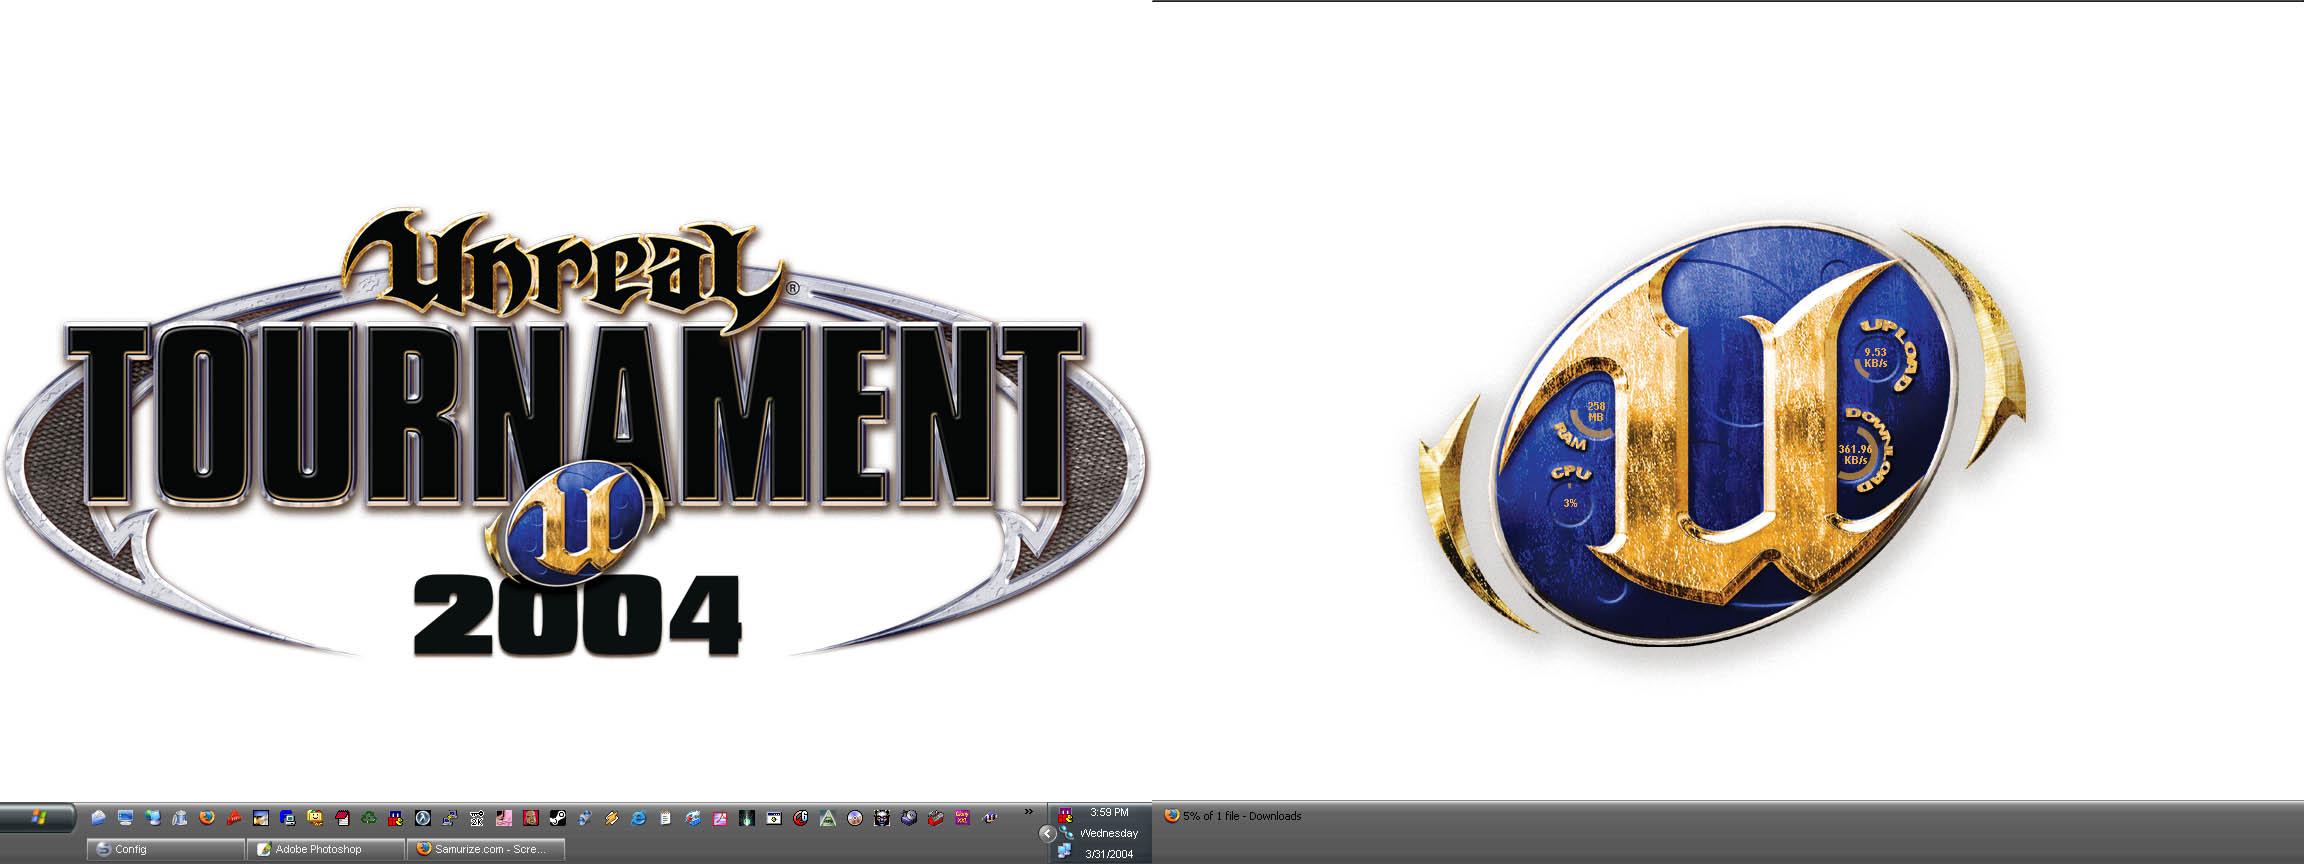 Title: JN's UT2004 Desktop